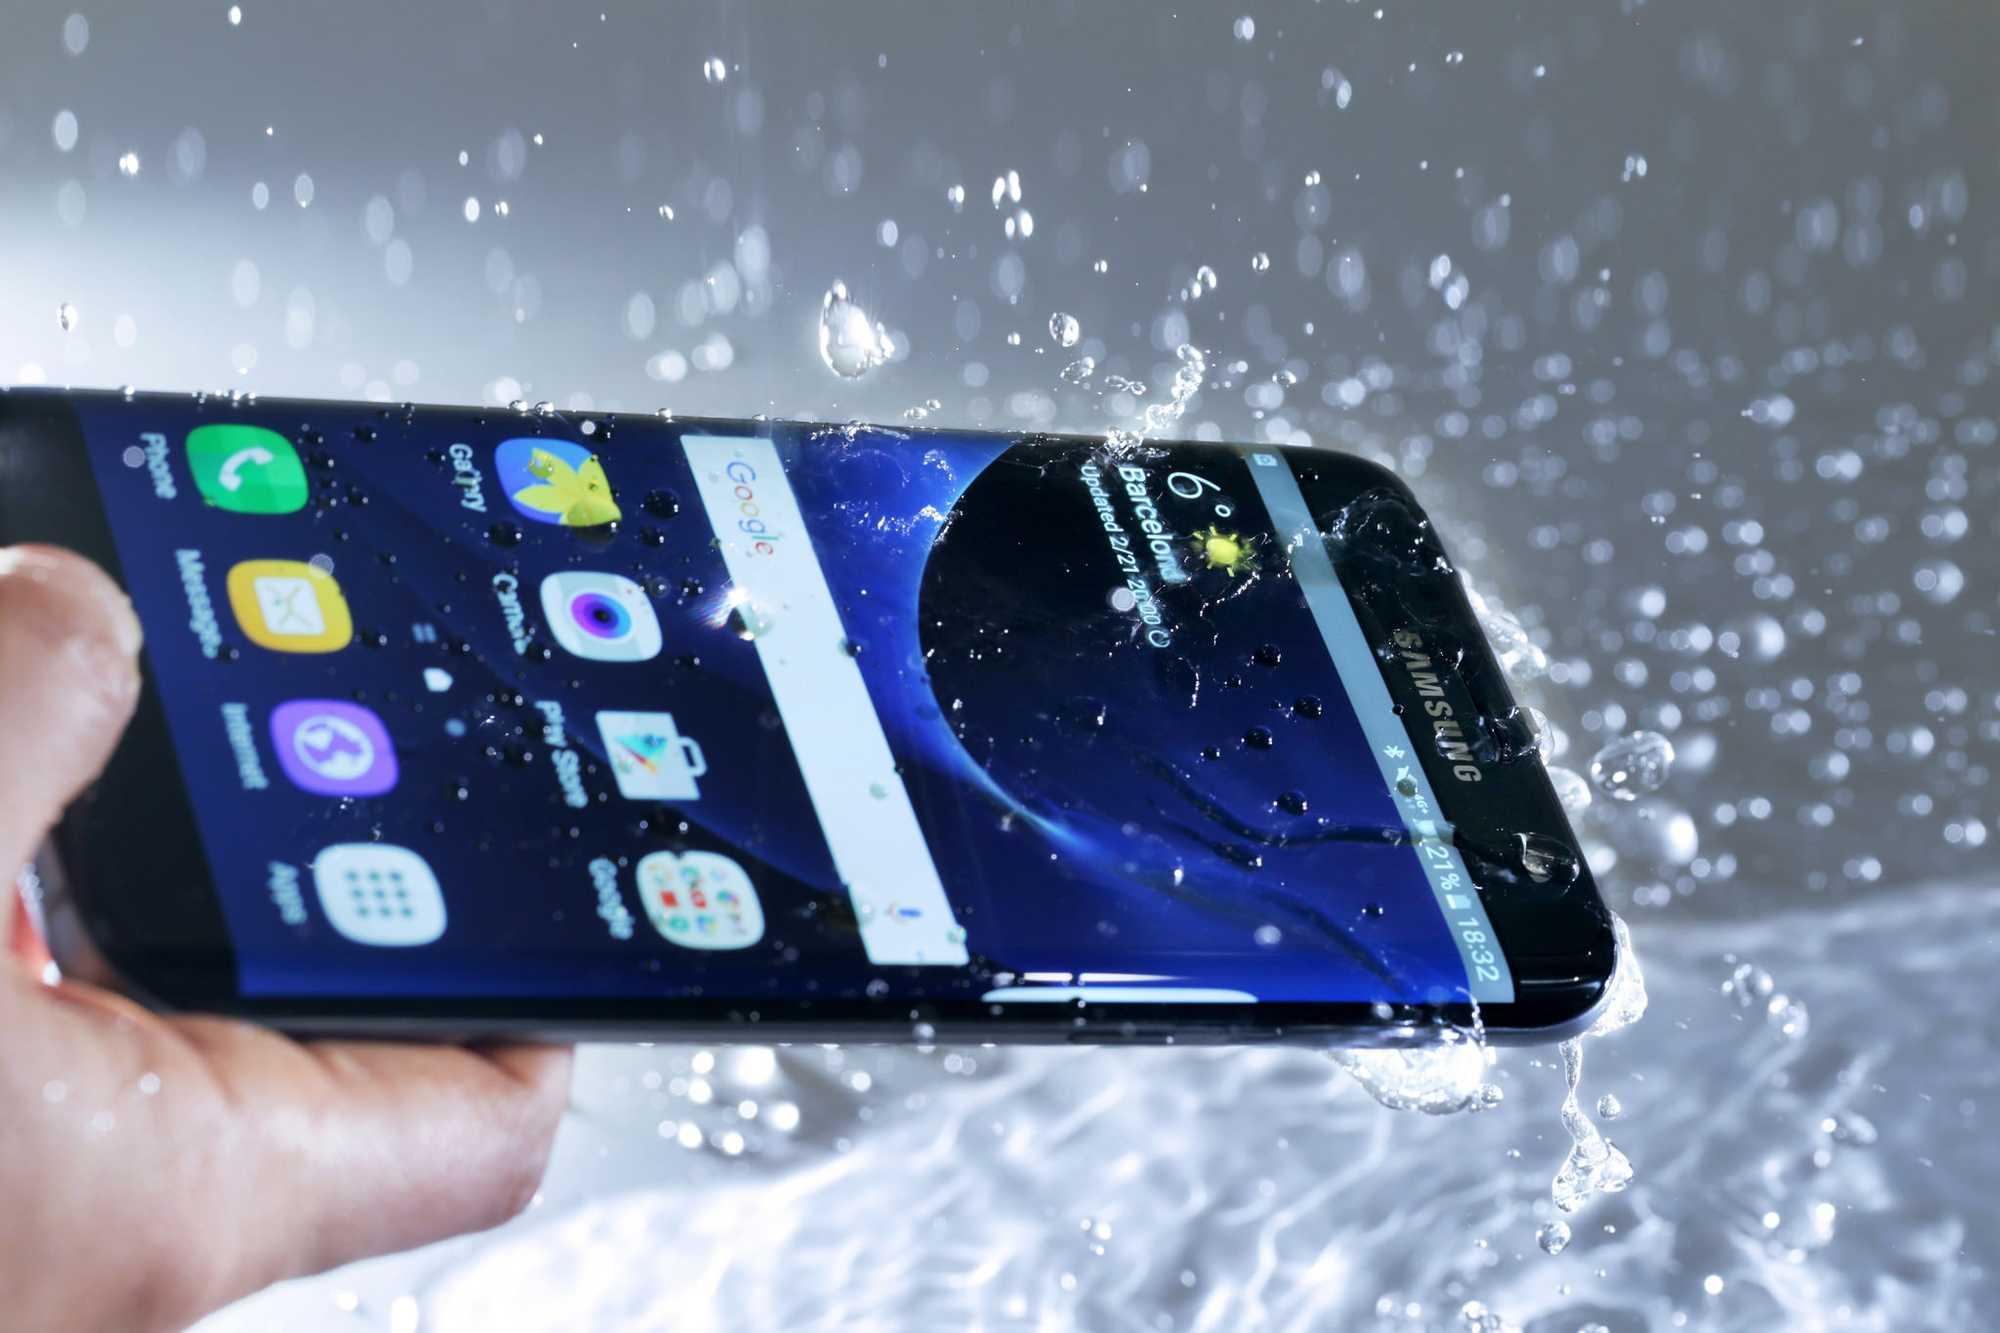 Samsung Galaxy Tab S4 taucht wieder einmal in einem Benchmark auf